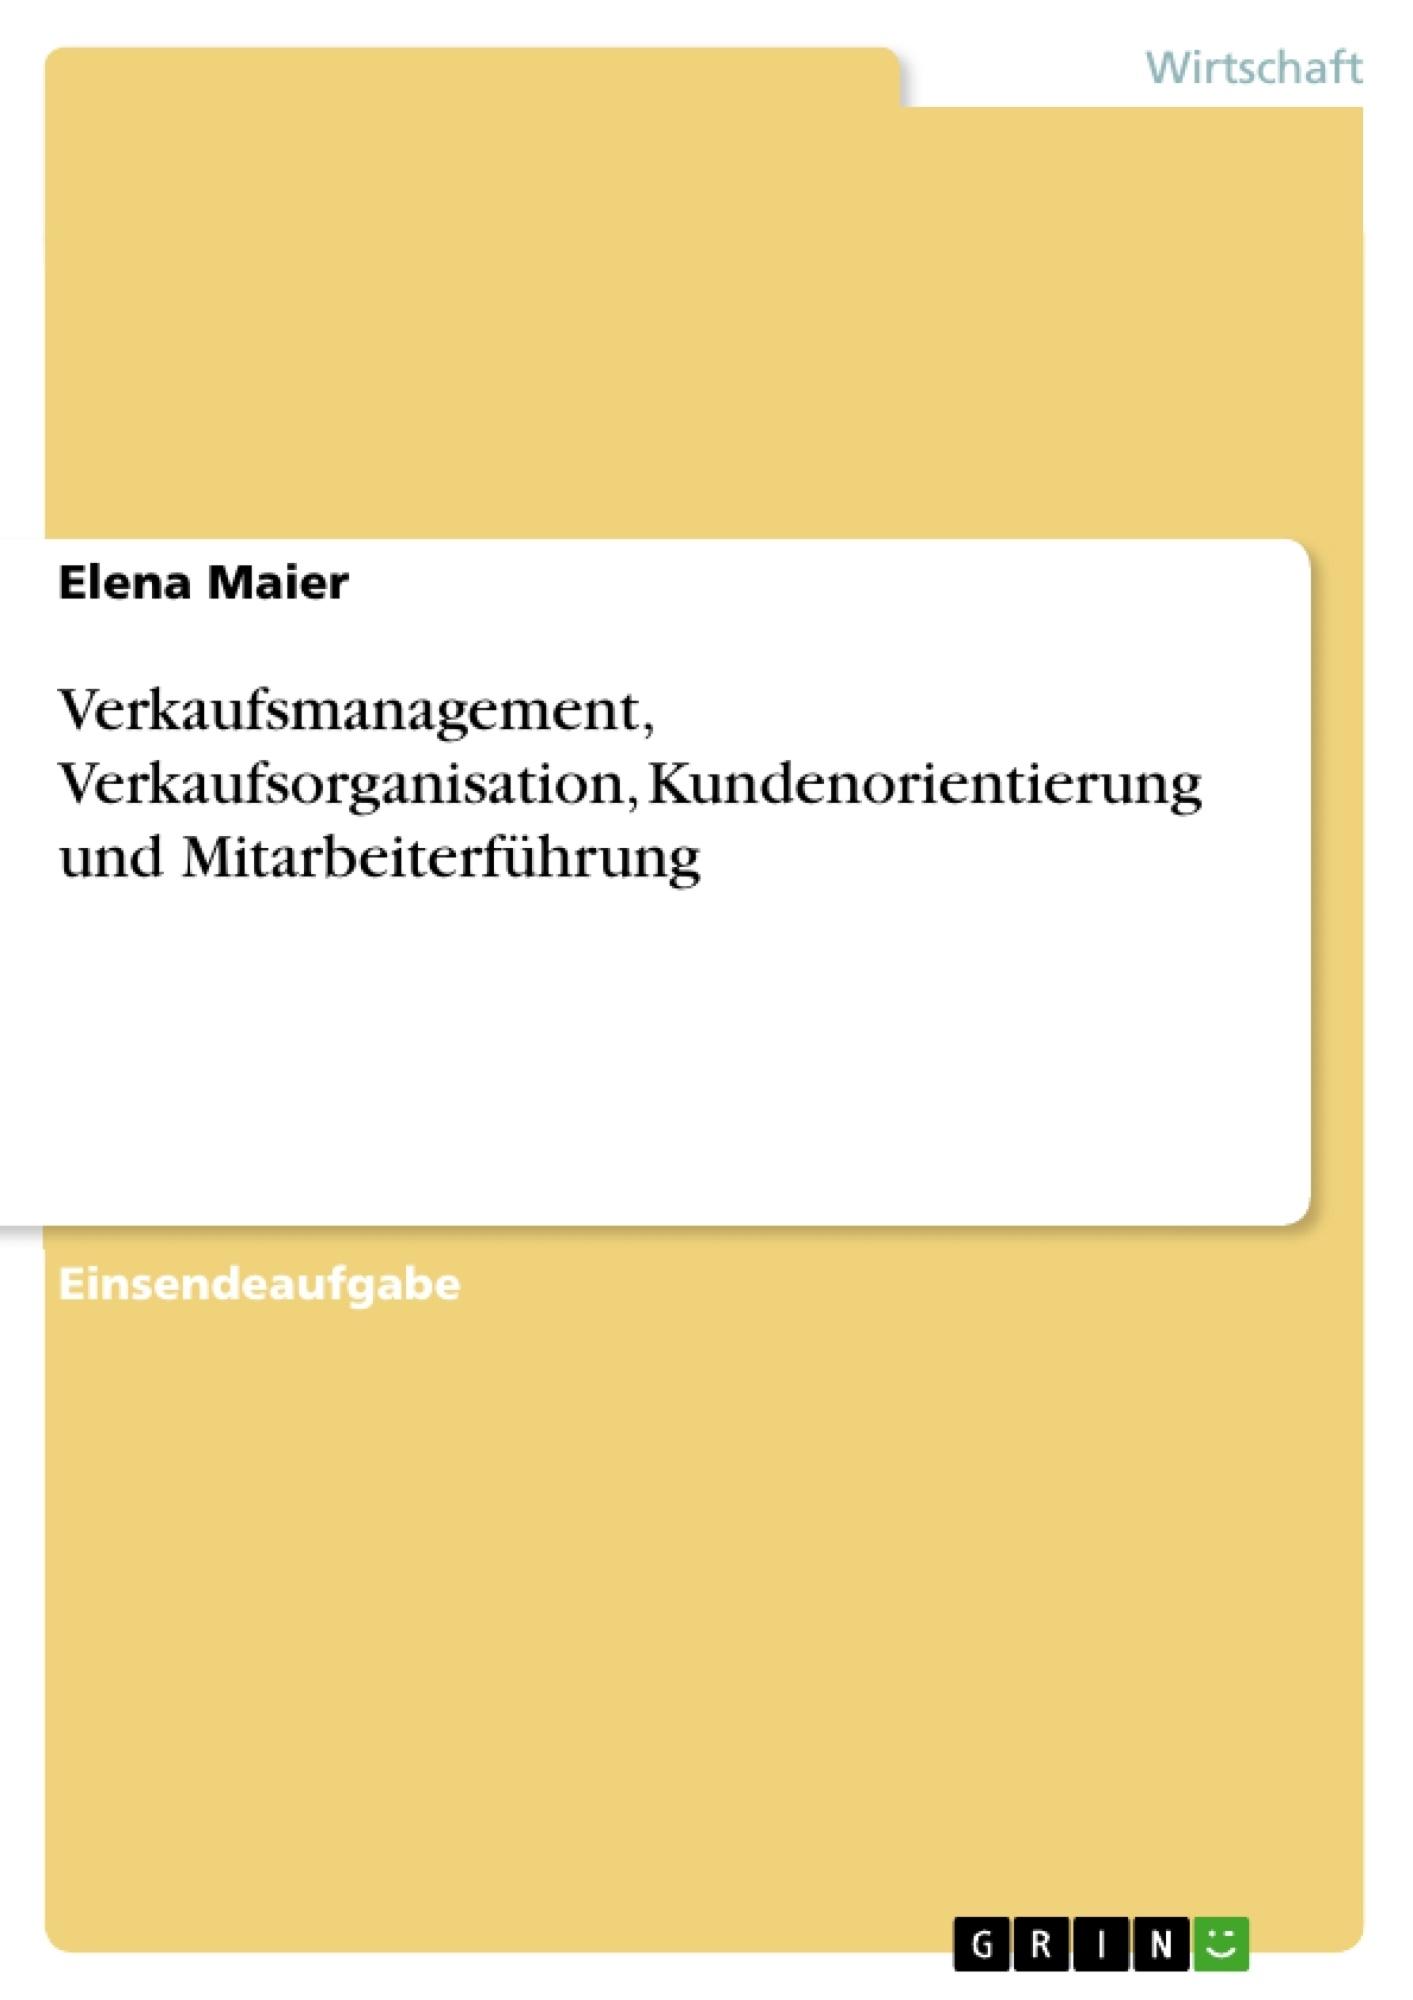 Titel: Verkaufsmanagement, Verkaufsorganisation, Kundenorientierung und Mitarbeiterführung